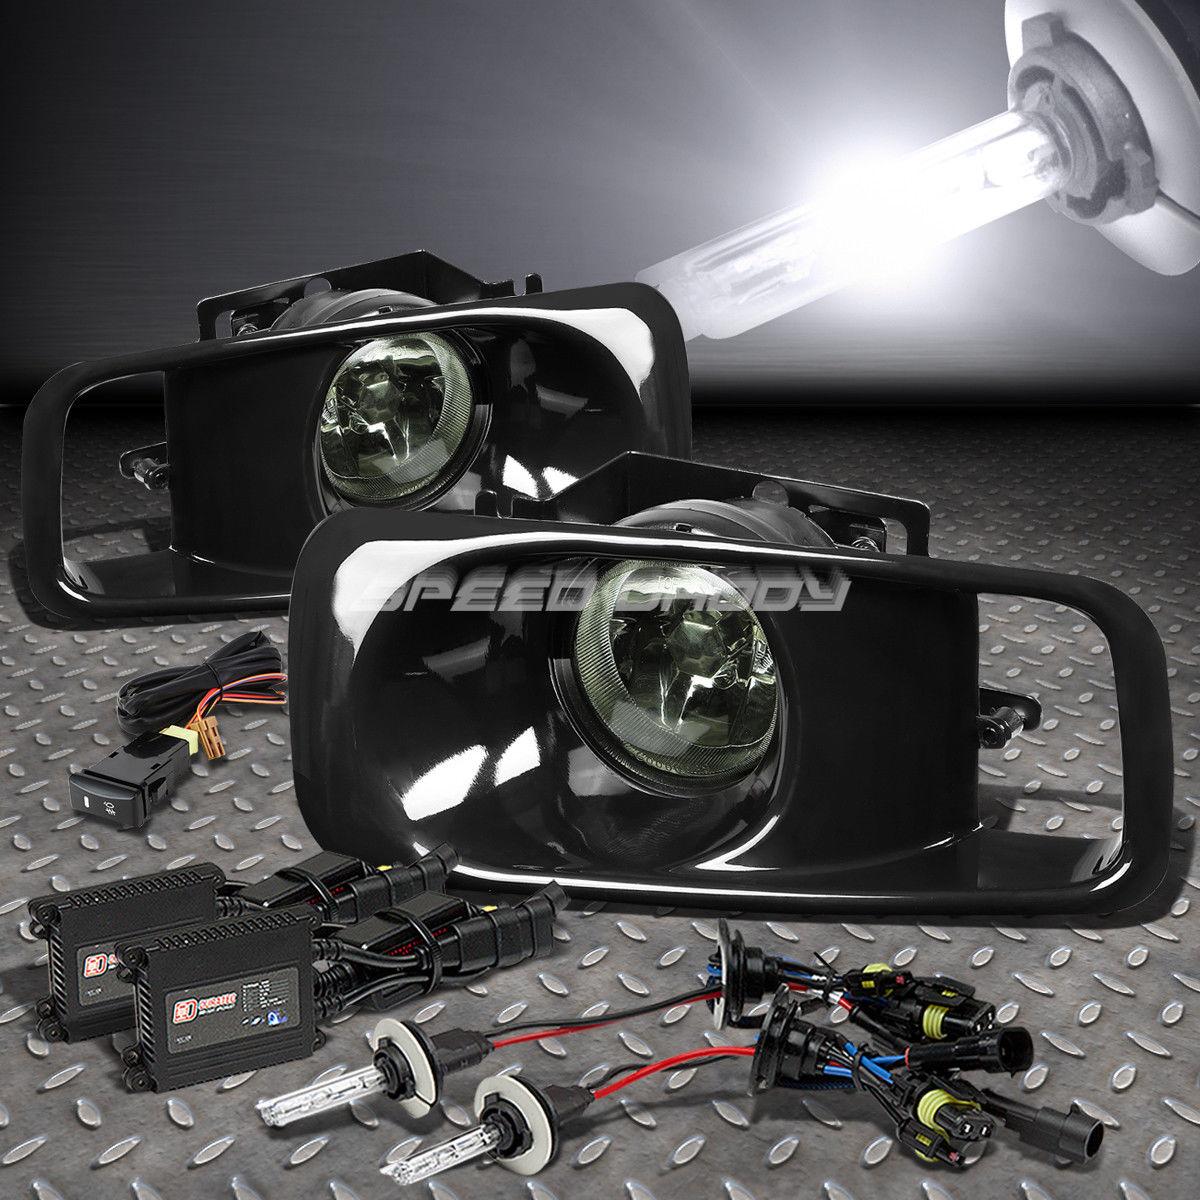 フォグライト SMOKE DRIVING BUMPER OE FOG LIGHT/LAMP+6K SLIM HID FOR 99-00 CIVIC EJ/EK/EM SMOKE DRIVING BUMPER OE FOGライト/ランプ+ 6KスリムHID 99-00 CIVIC EJ / EK / EM